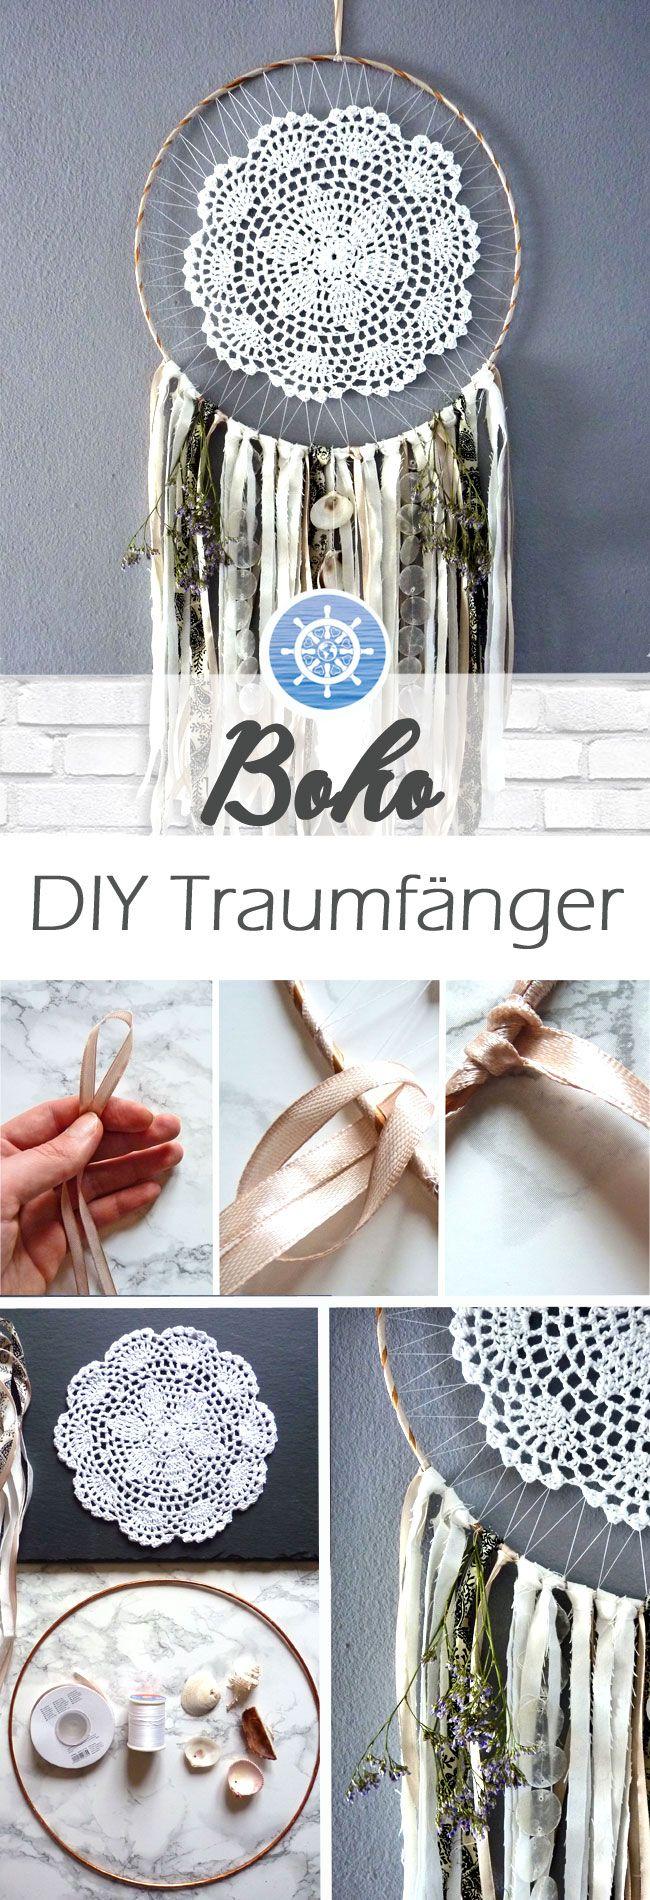 Traumfänger basteln: Boho DIY Traumfänger ganz leicht selber machen - DIY Anleitung via aye-aye-diy.com #hofideen